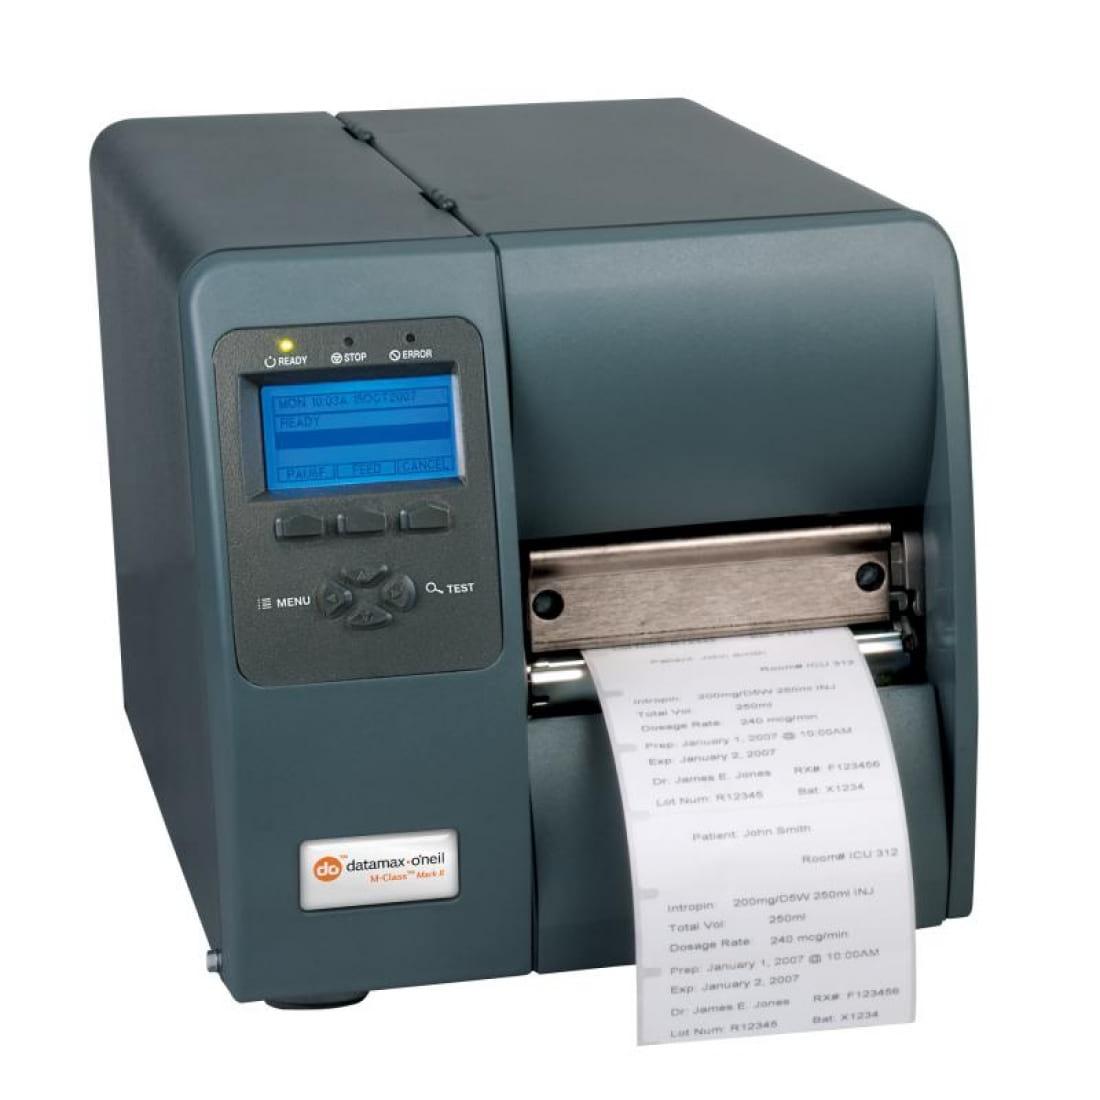 honeywell i-4210 barcode printer